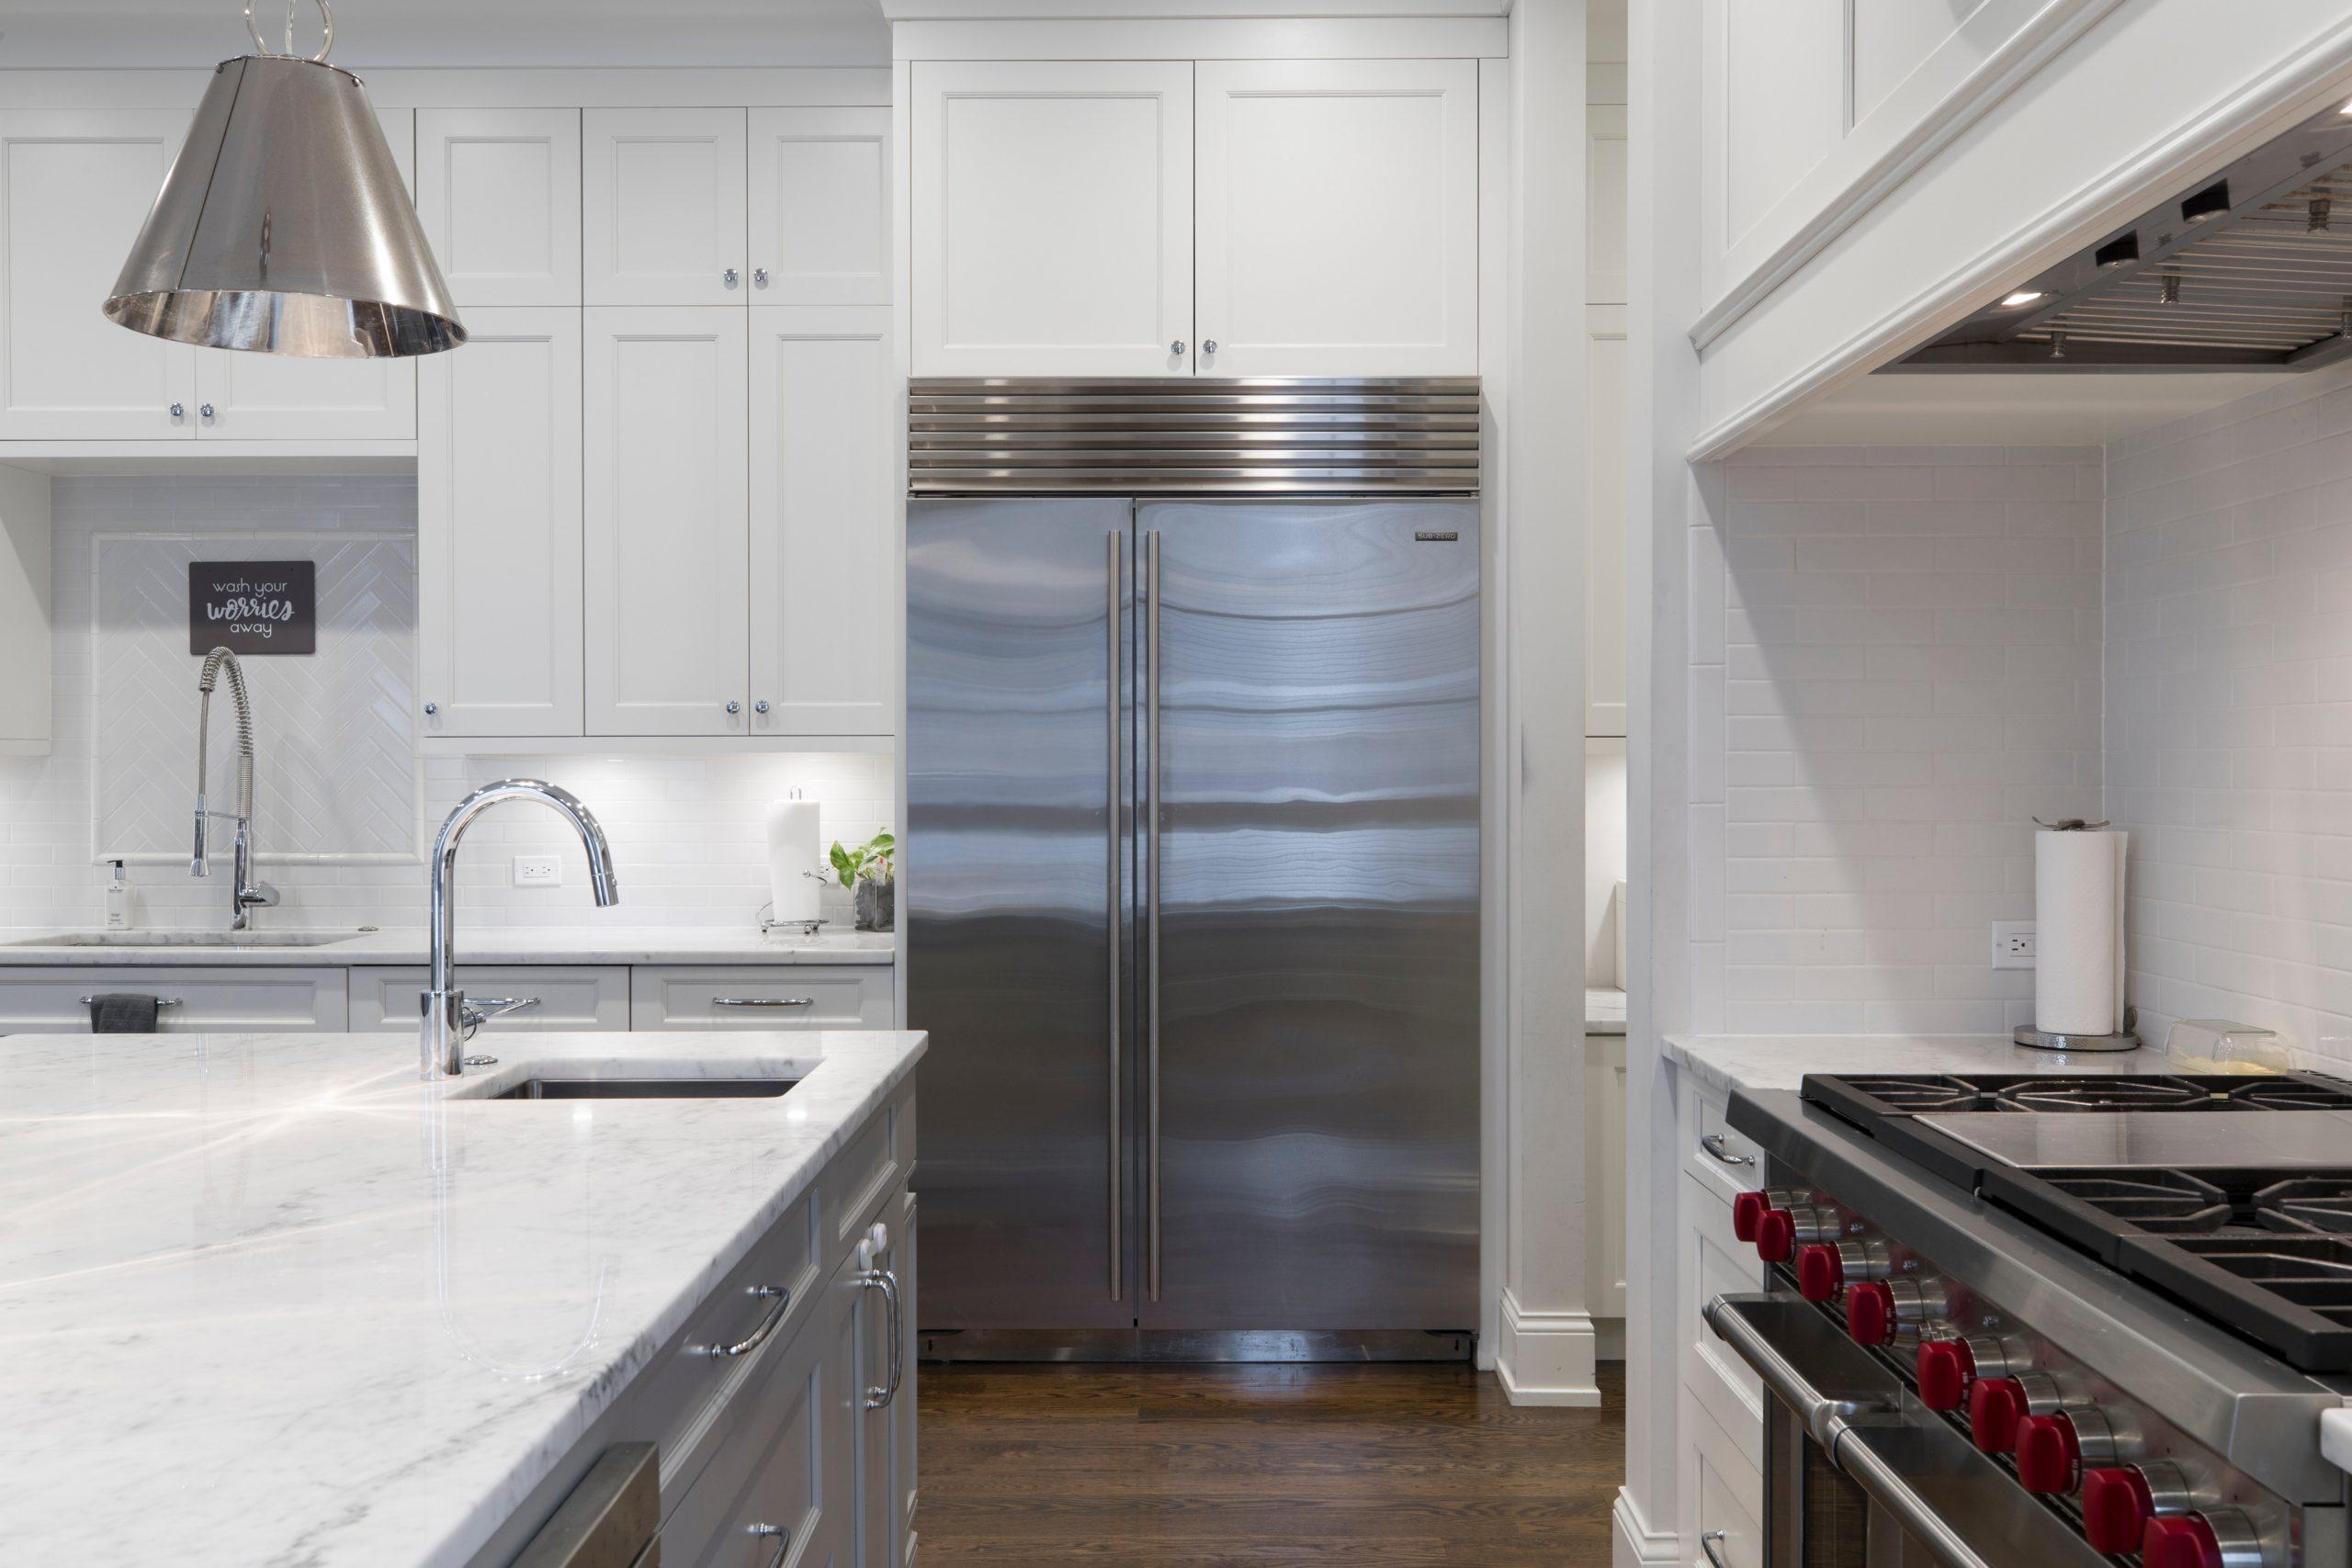 Imagem de uma geladeira.